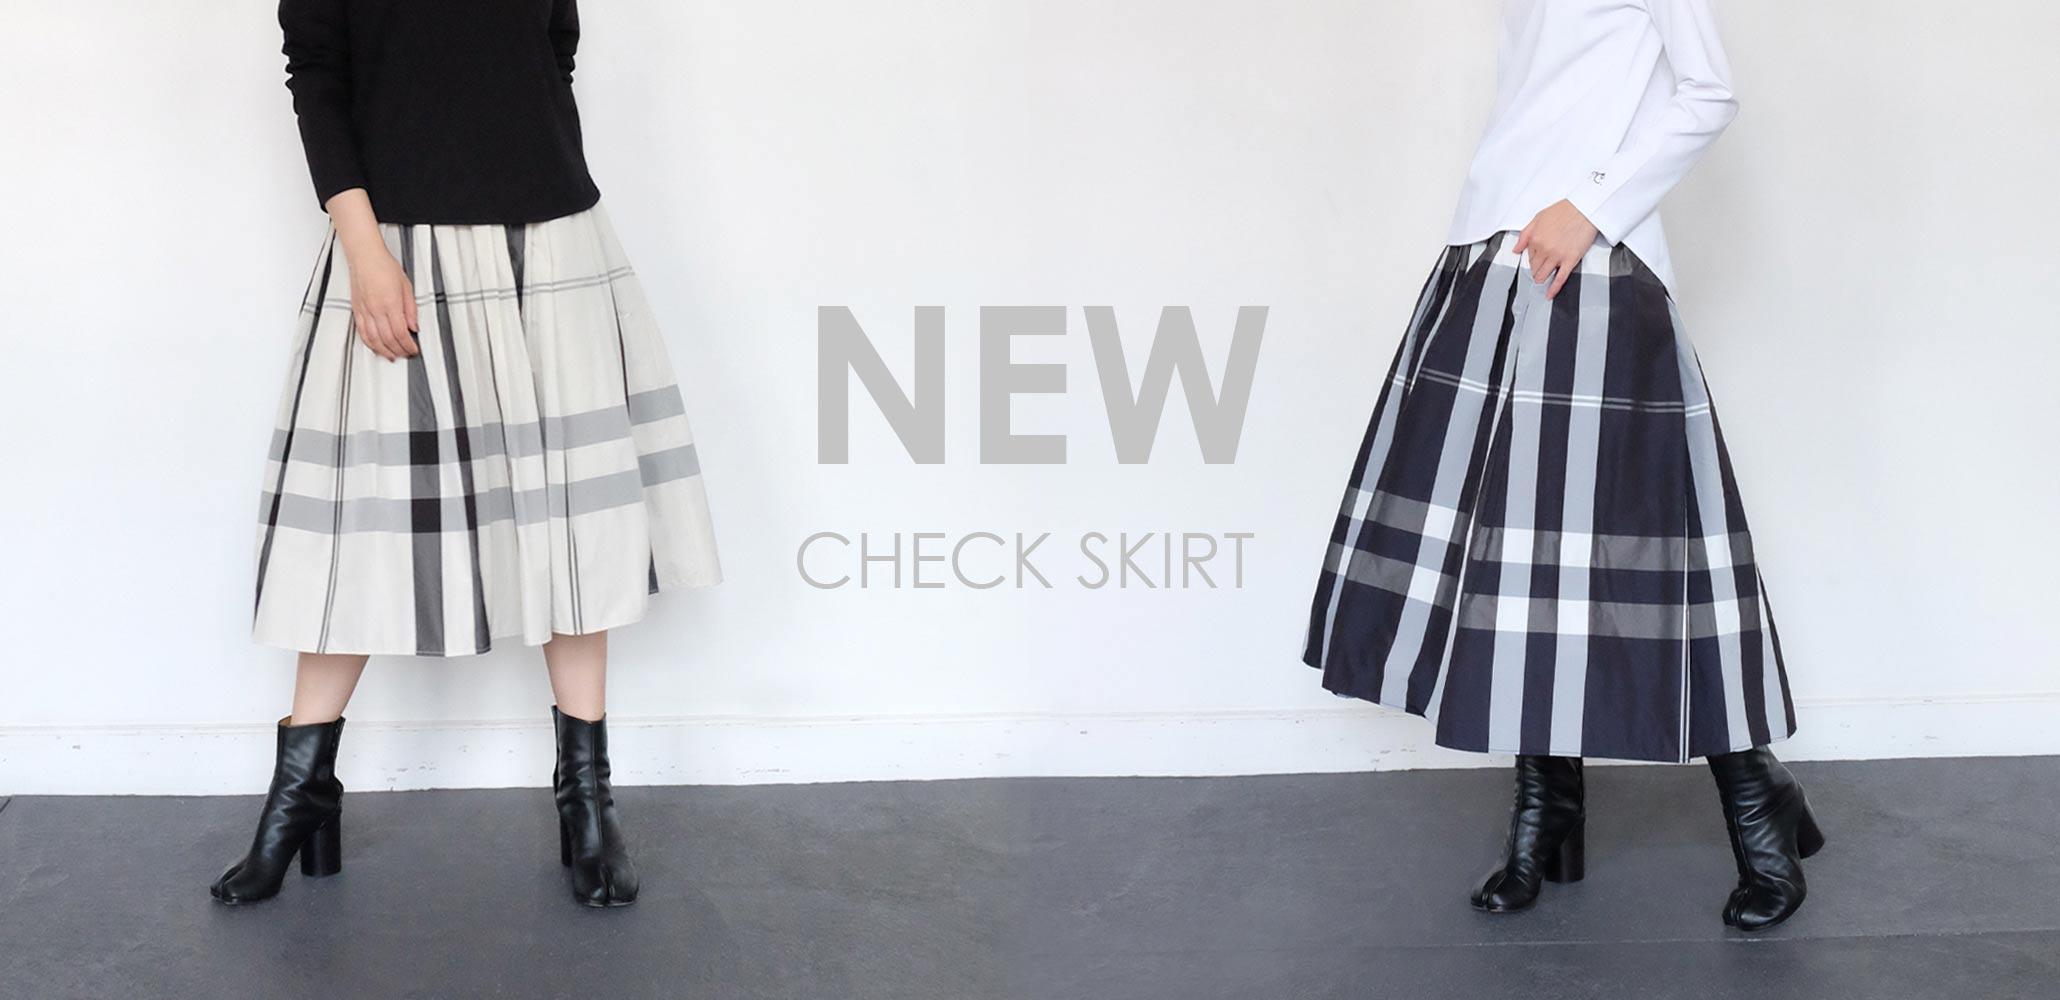 神戸・山の手スカートに新たにチェック柄が登場!一律11,000円で選べる三丈!